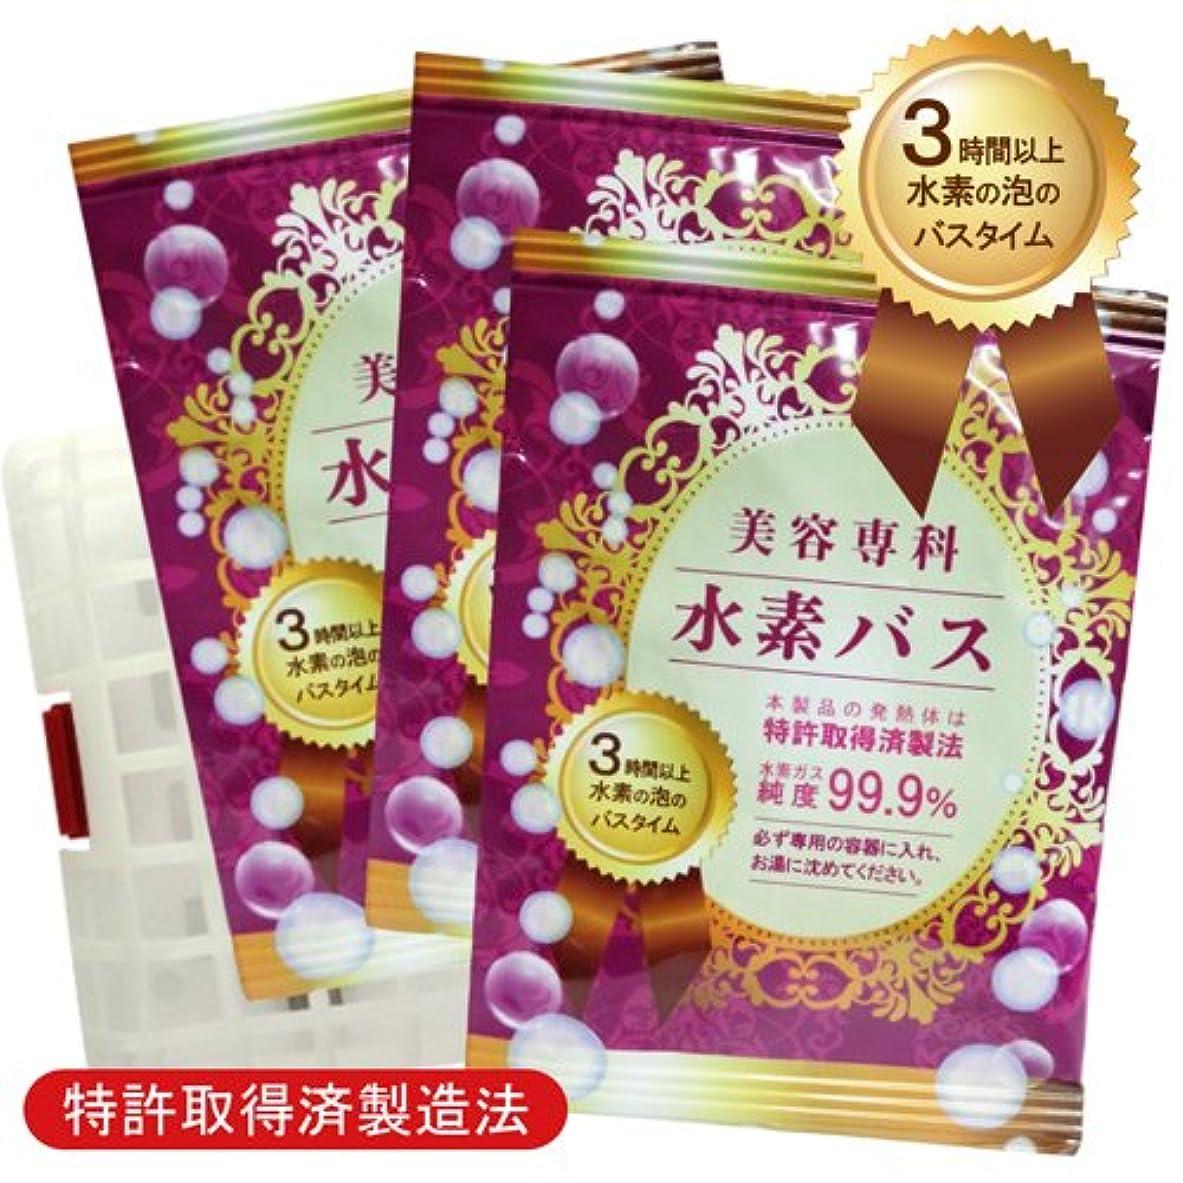 チキン名門ステープル水素バス スタータキット【3包+ 専用容器1個入】